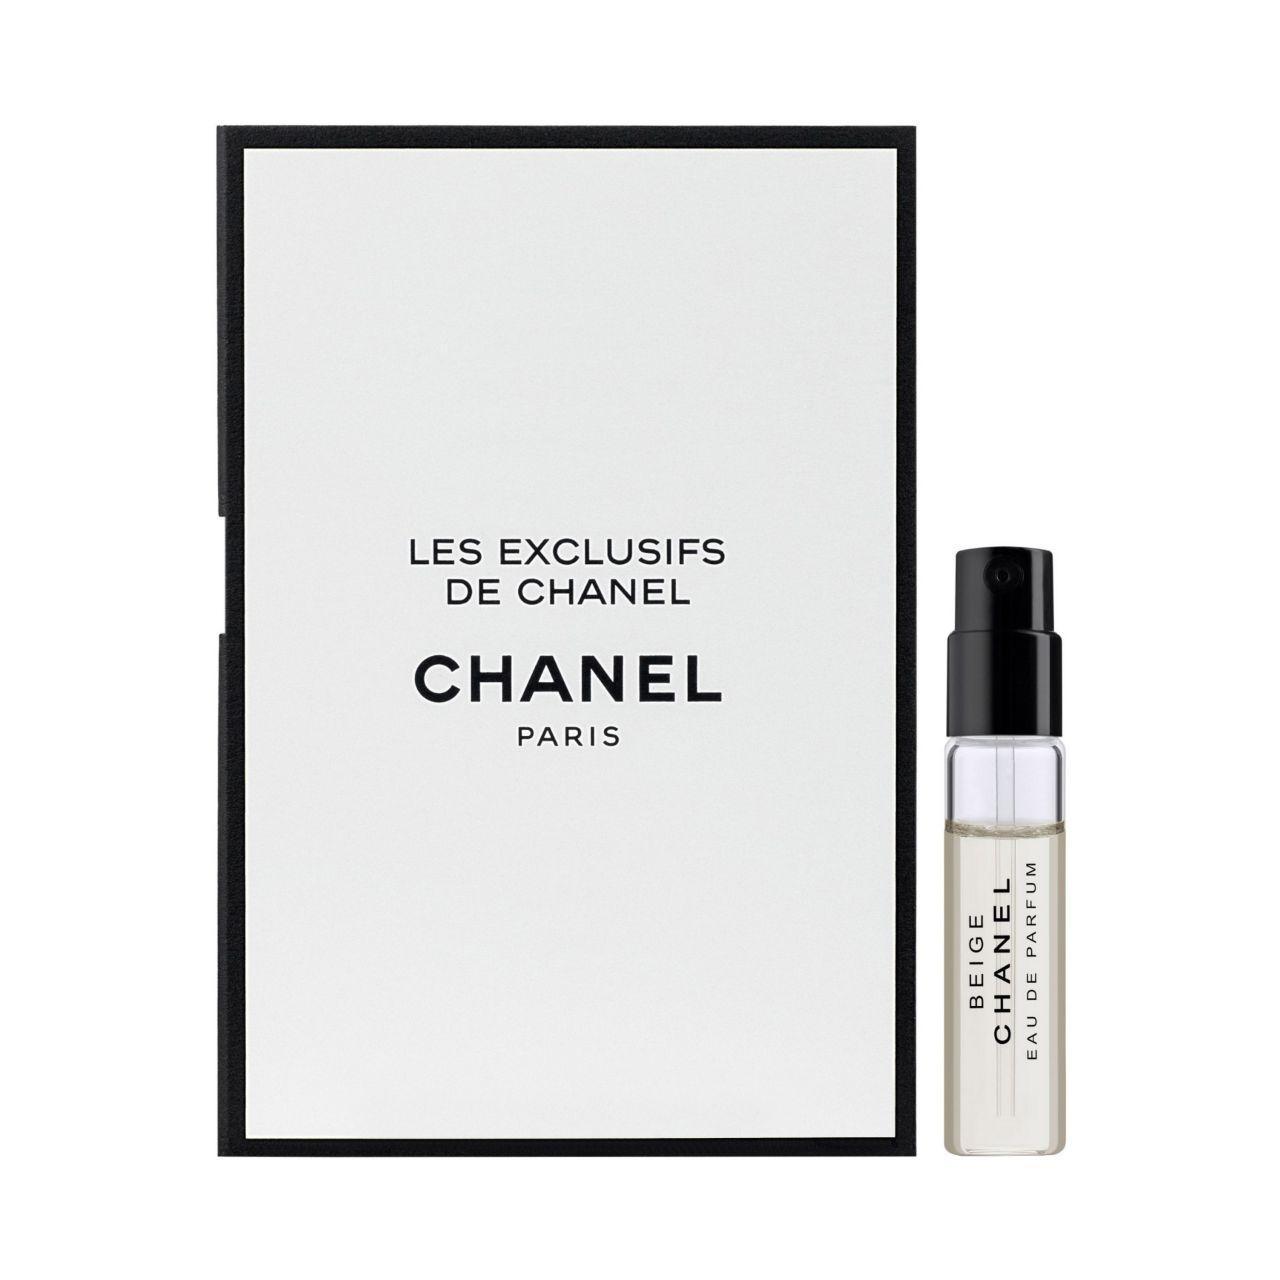 ПРОБНИК 1,5 ml парфумована вода CHANEL Beige Les Exclusifs de Chanel жіночі духи, солодкий квітковий аромат